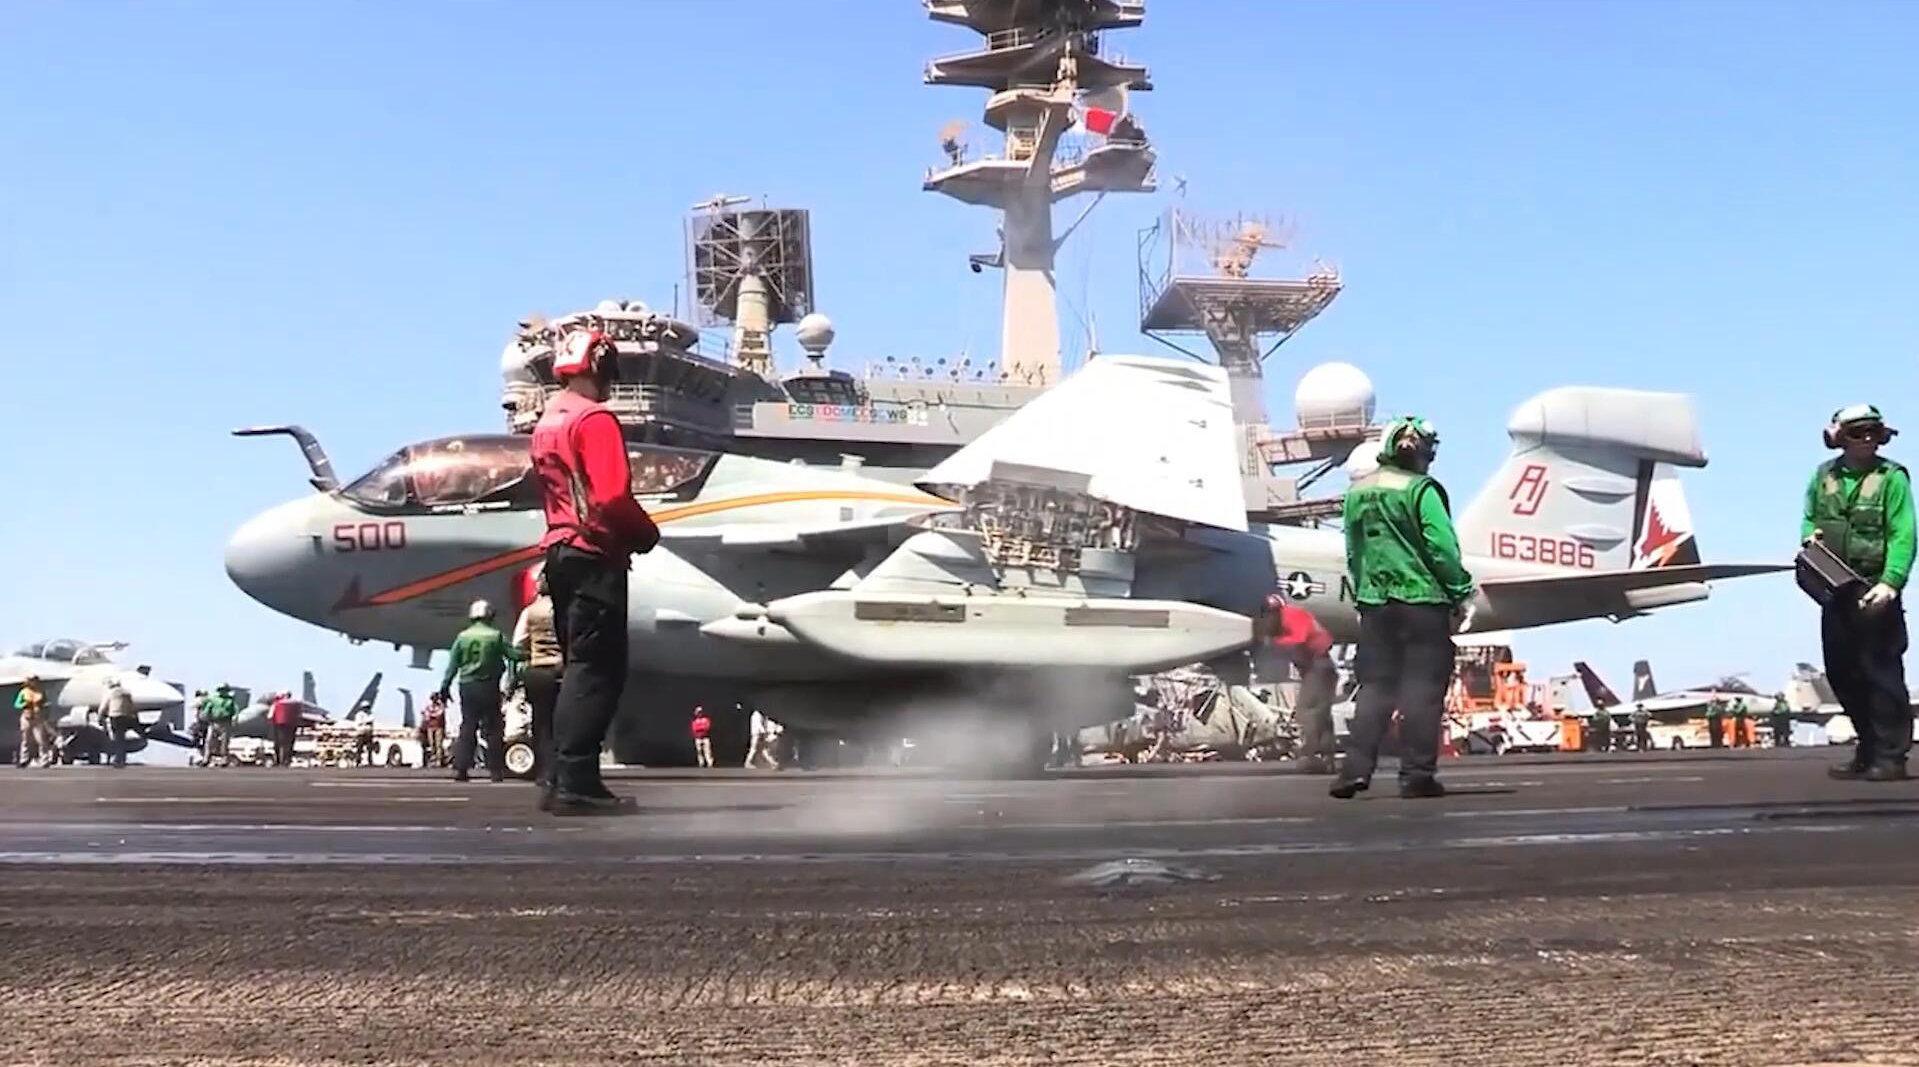 美国海军在布什号航母上训练,直升机战斗机预警机相继出动!